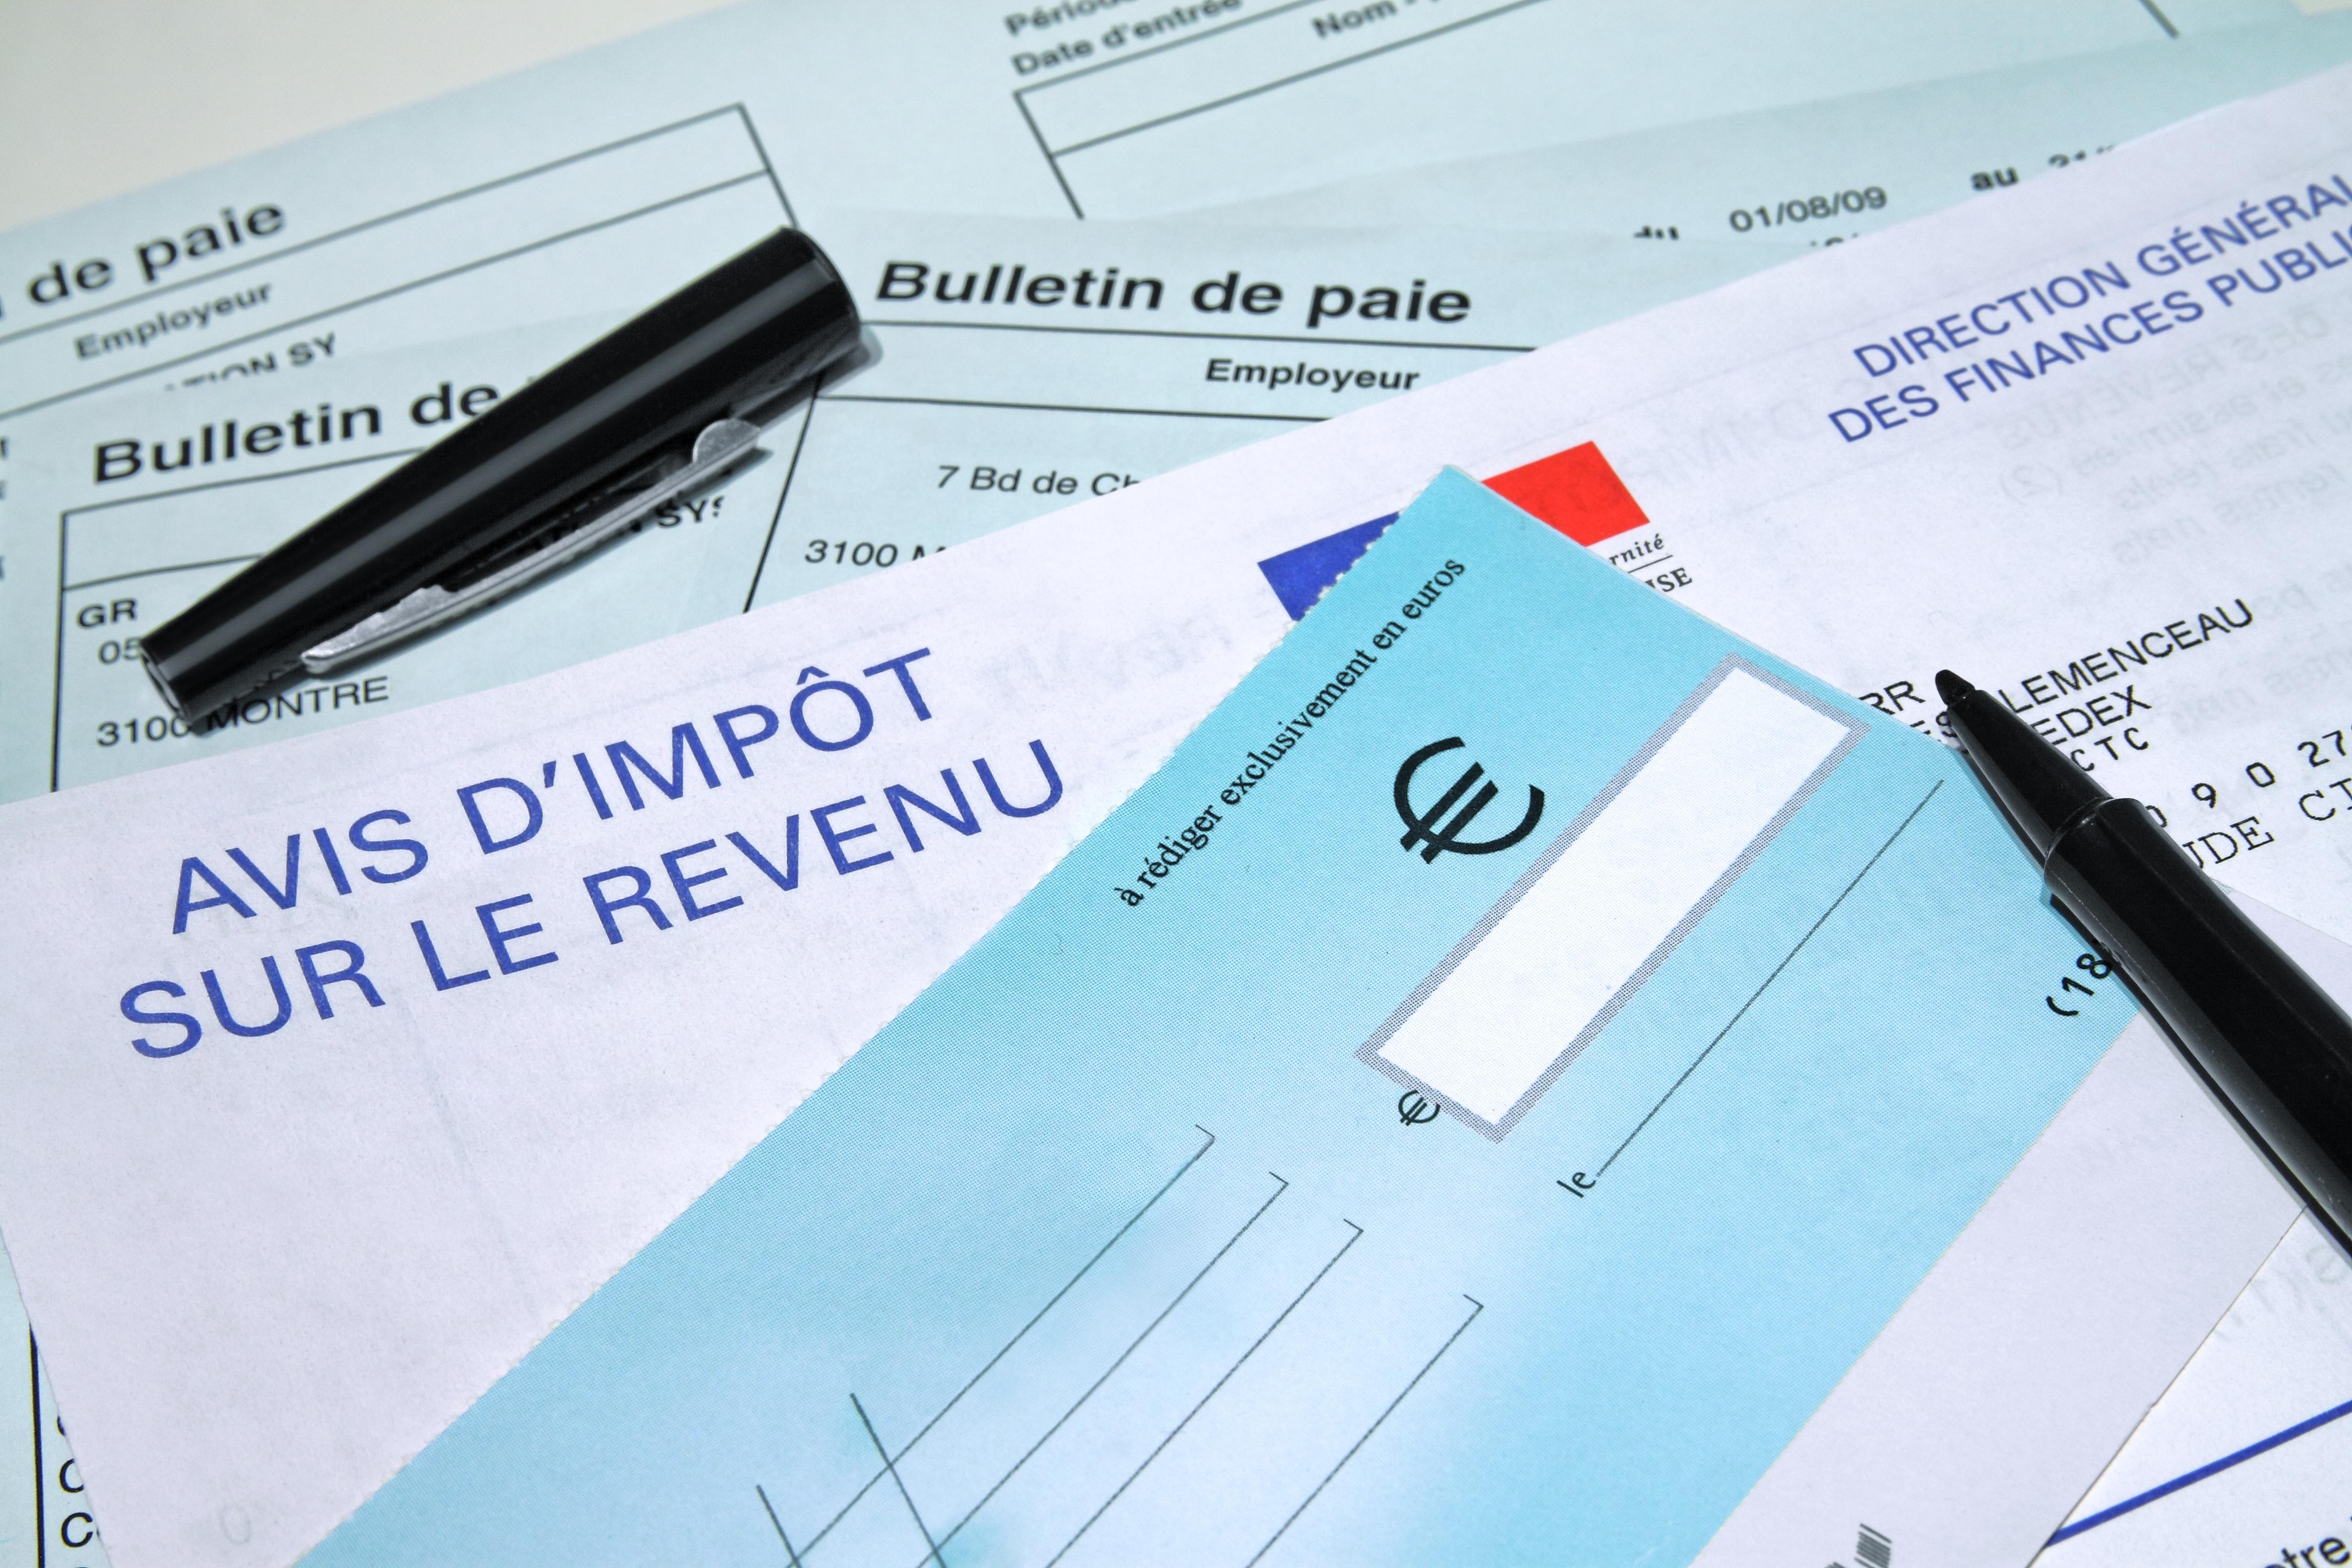 Vers un durcissement des niches fiscales pour soutenir les finances publiques